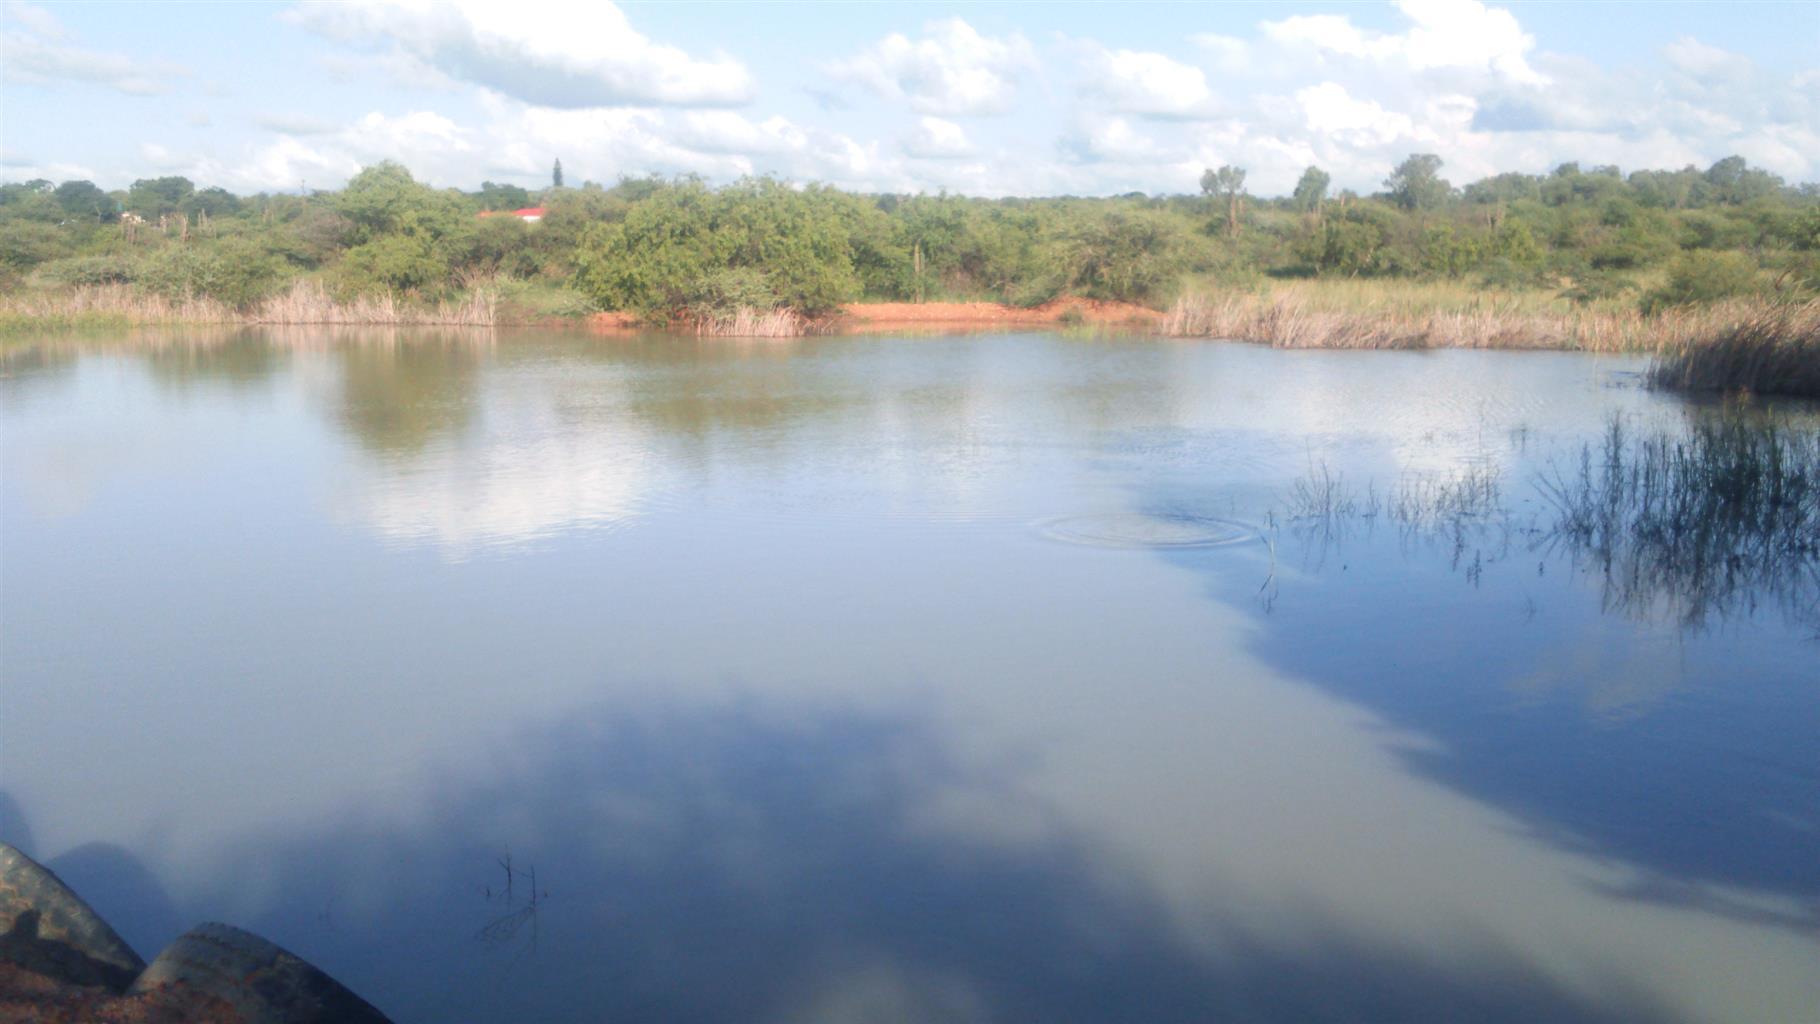 PRIVATE SALE - Farm for sale Grootvlei north of Pretoria